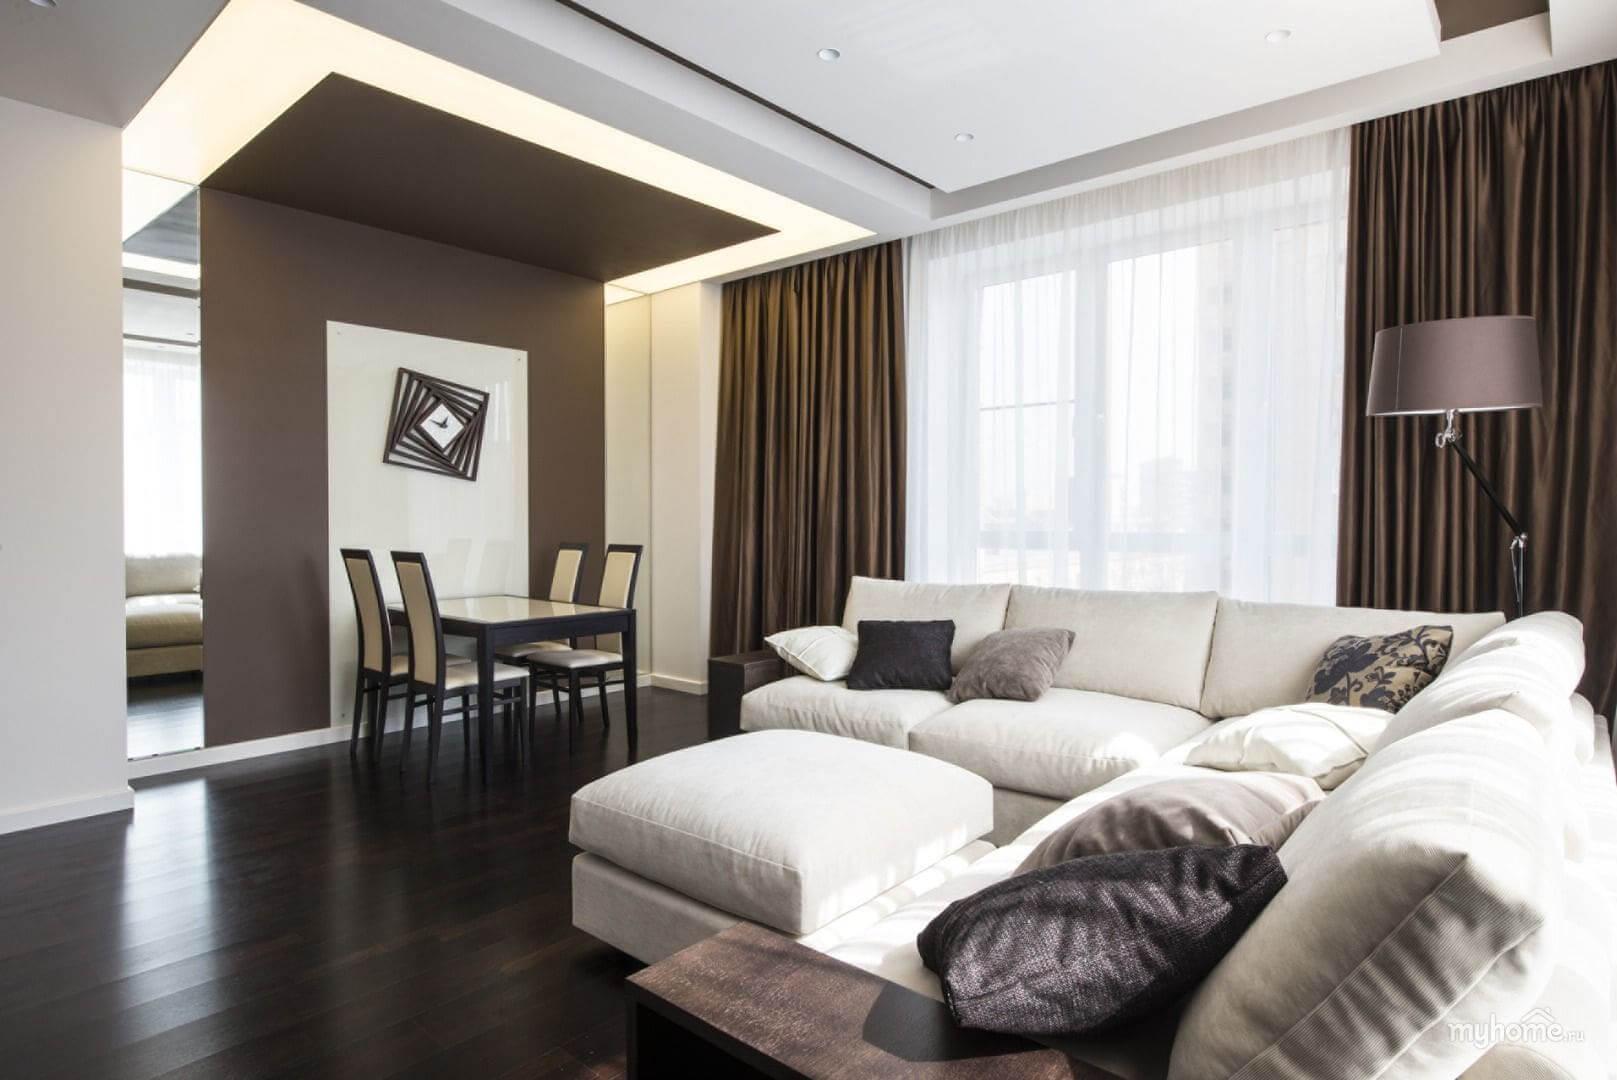 Какие натяжные потолки лучше: глянцевые или матовые